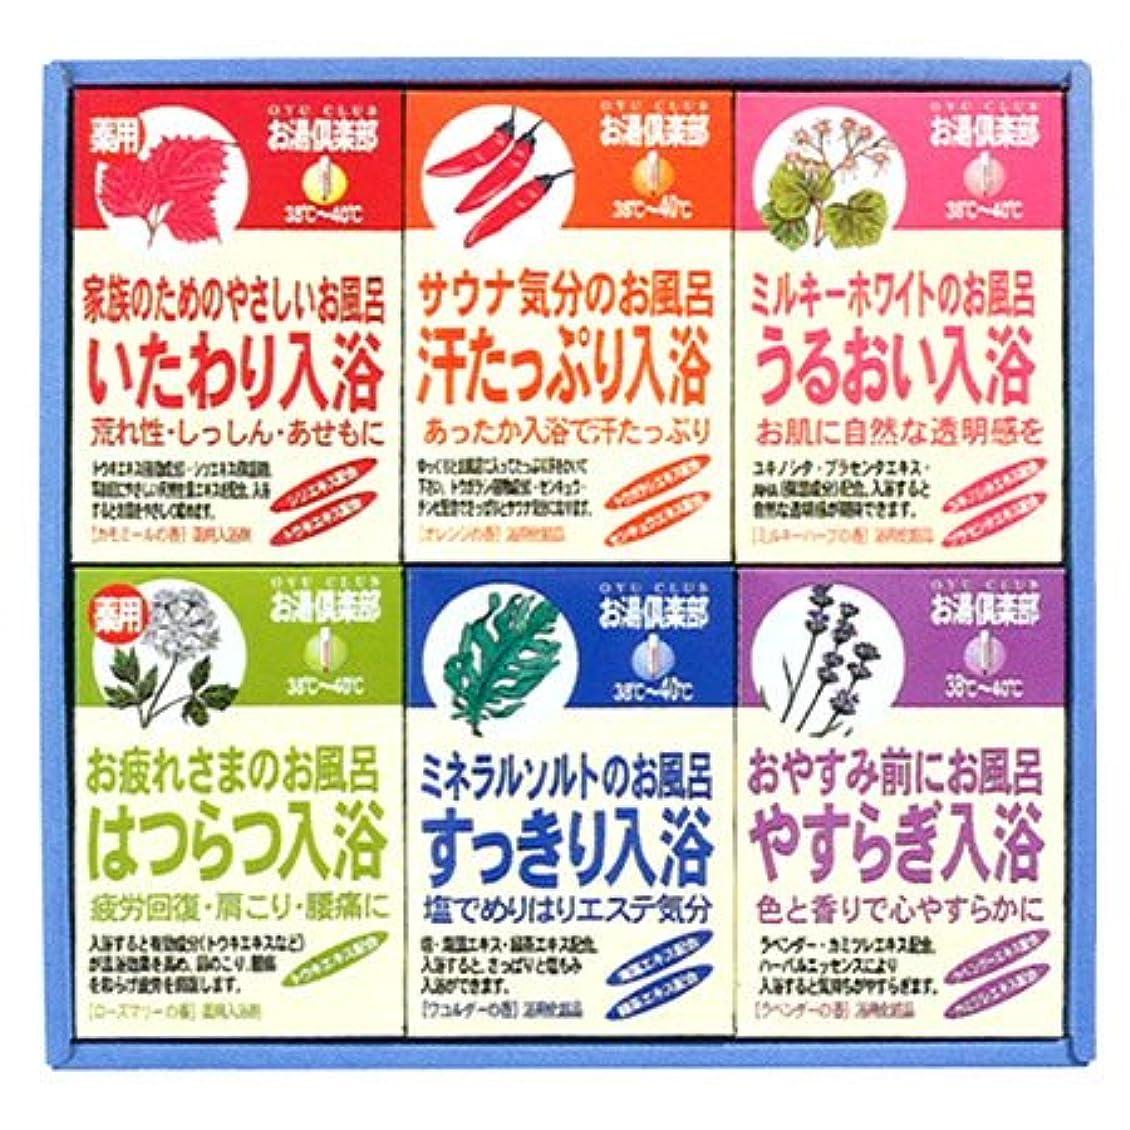 気をつけて解放主張するお湯倶楽部 タイプ別入浴剤 6種30包入 ギフトに最適